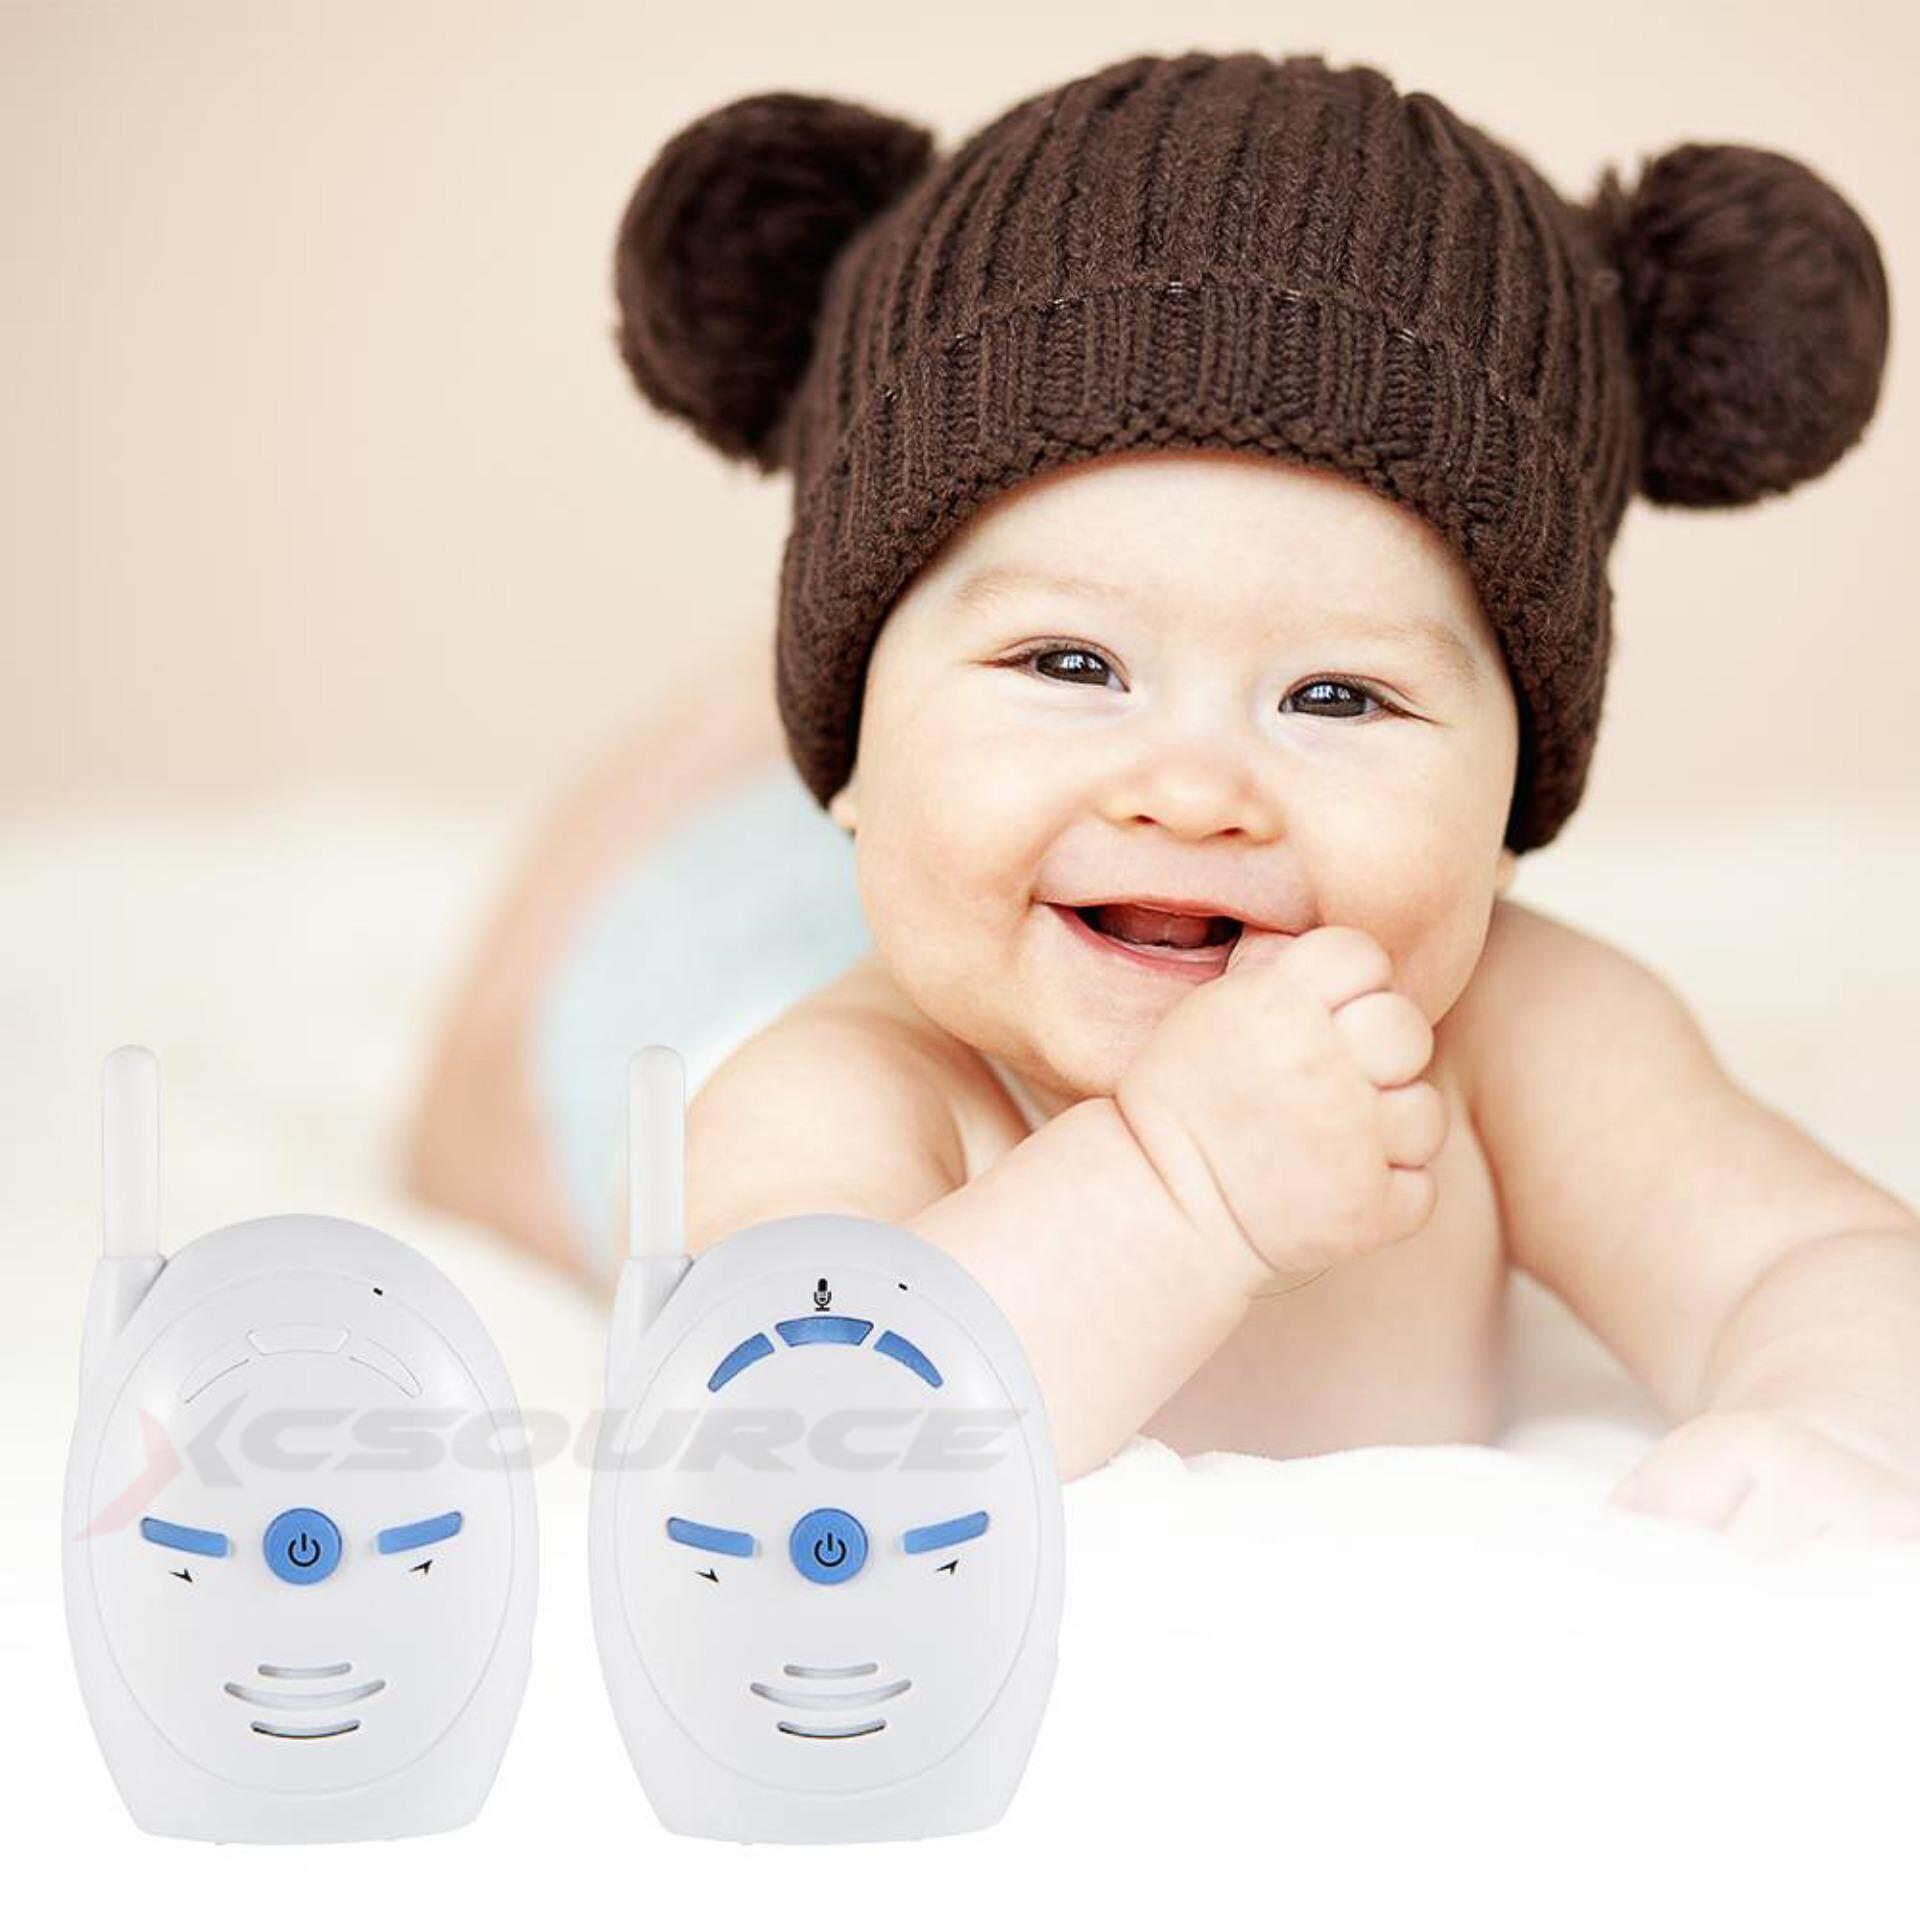 Baby Monitor เบบี้มอนิเตอร์  วิทยุสื่อสาร ไร้สาย สำหรับดูแลเด็ก.